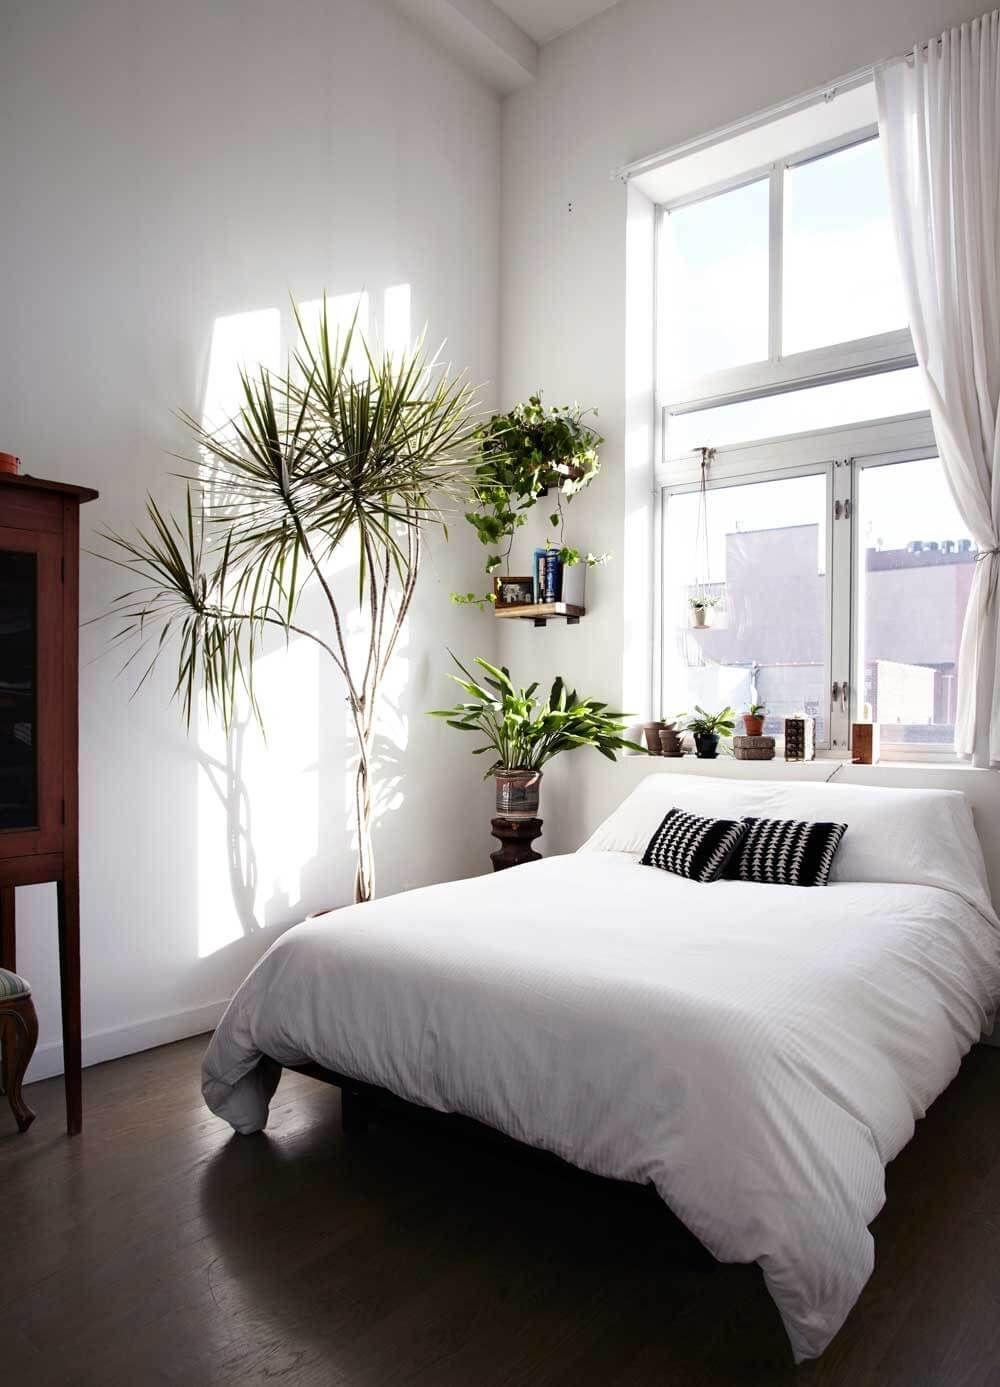 Latest bedroom interior design trends  bedroom interior design trends for this year  lofts bedrooms